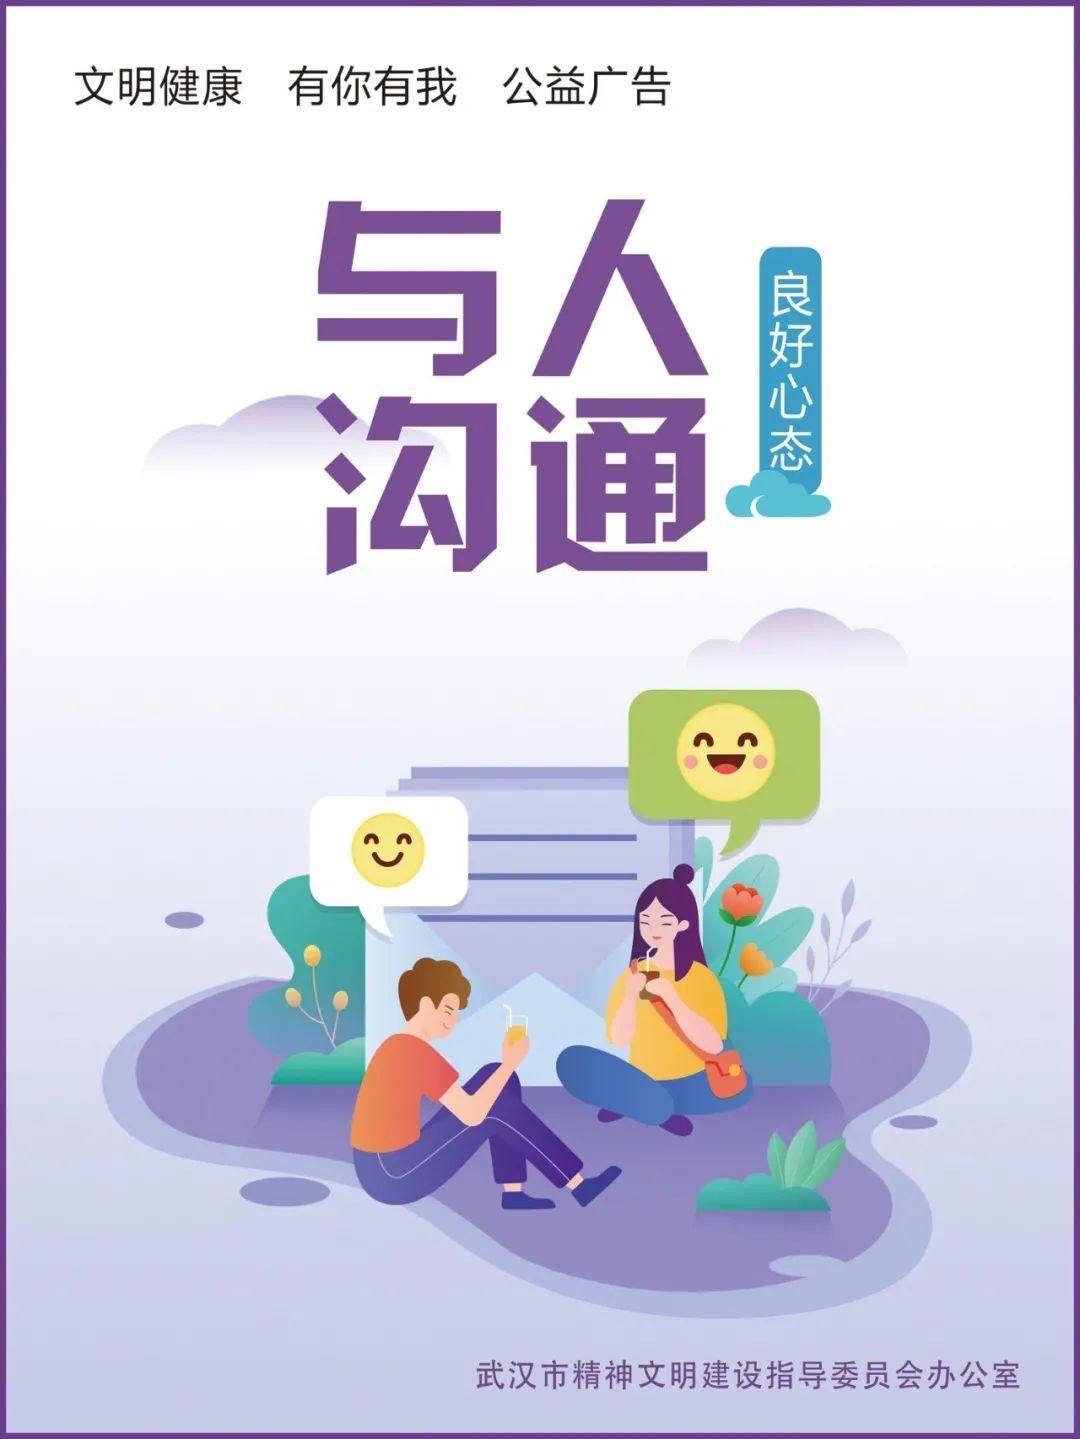 三大运营商明日上线武汉城市留言板